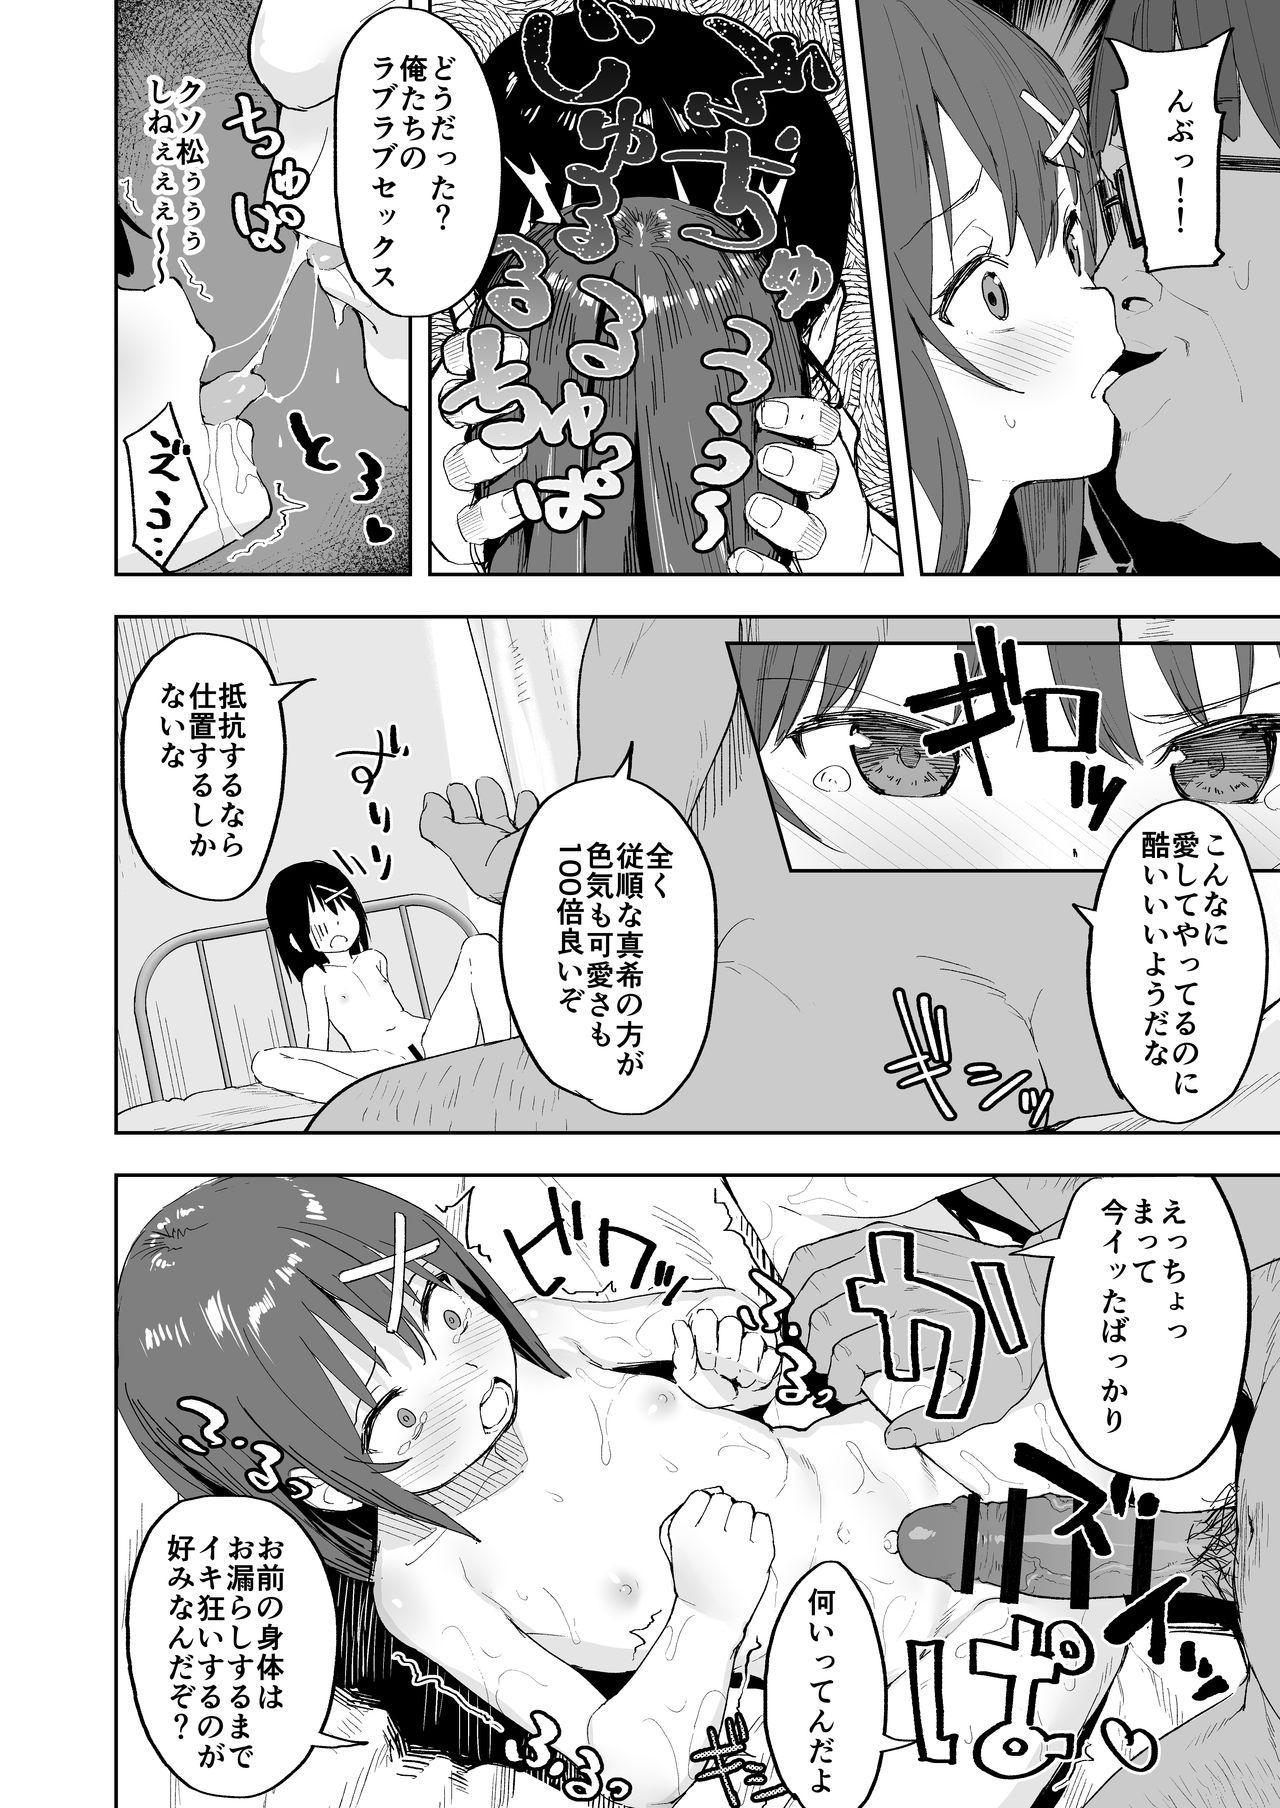 [Nexus Koubou (Arumamai Ayuka+)] Ijime mmusume o saimin-jutsu de-han tte yaru [Digital] 26